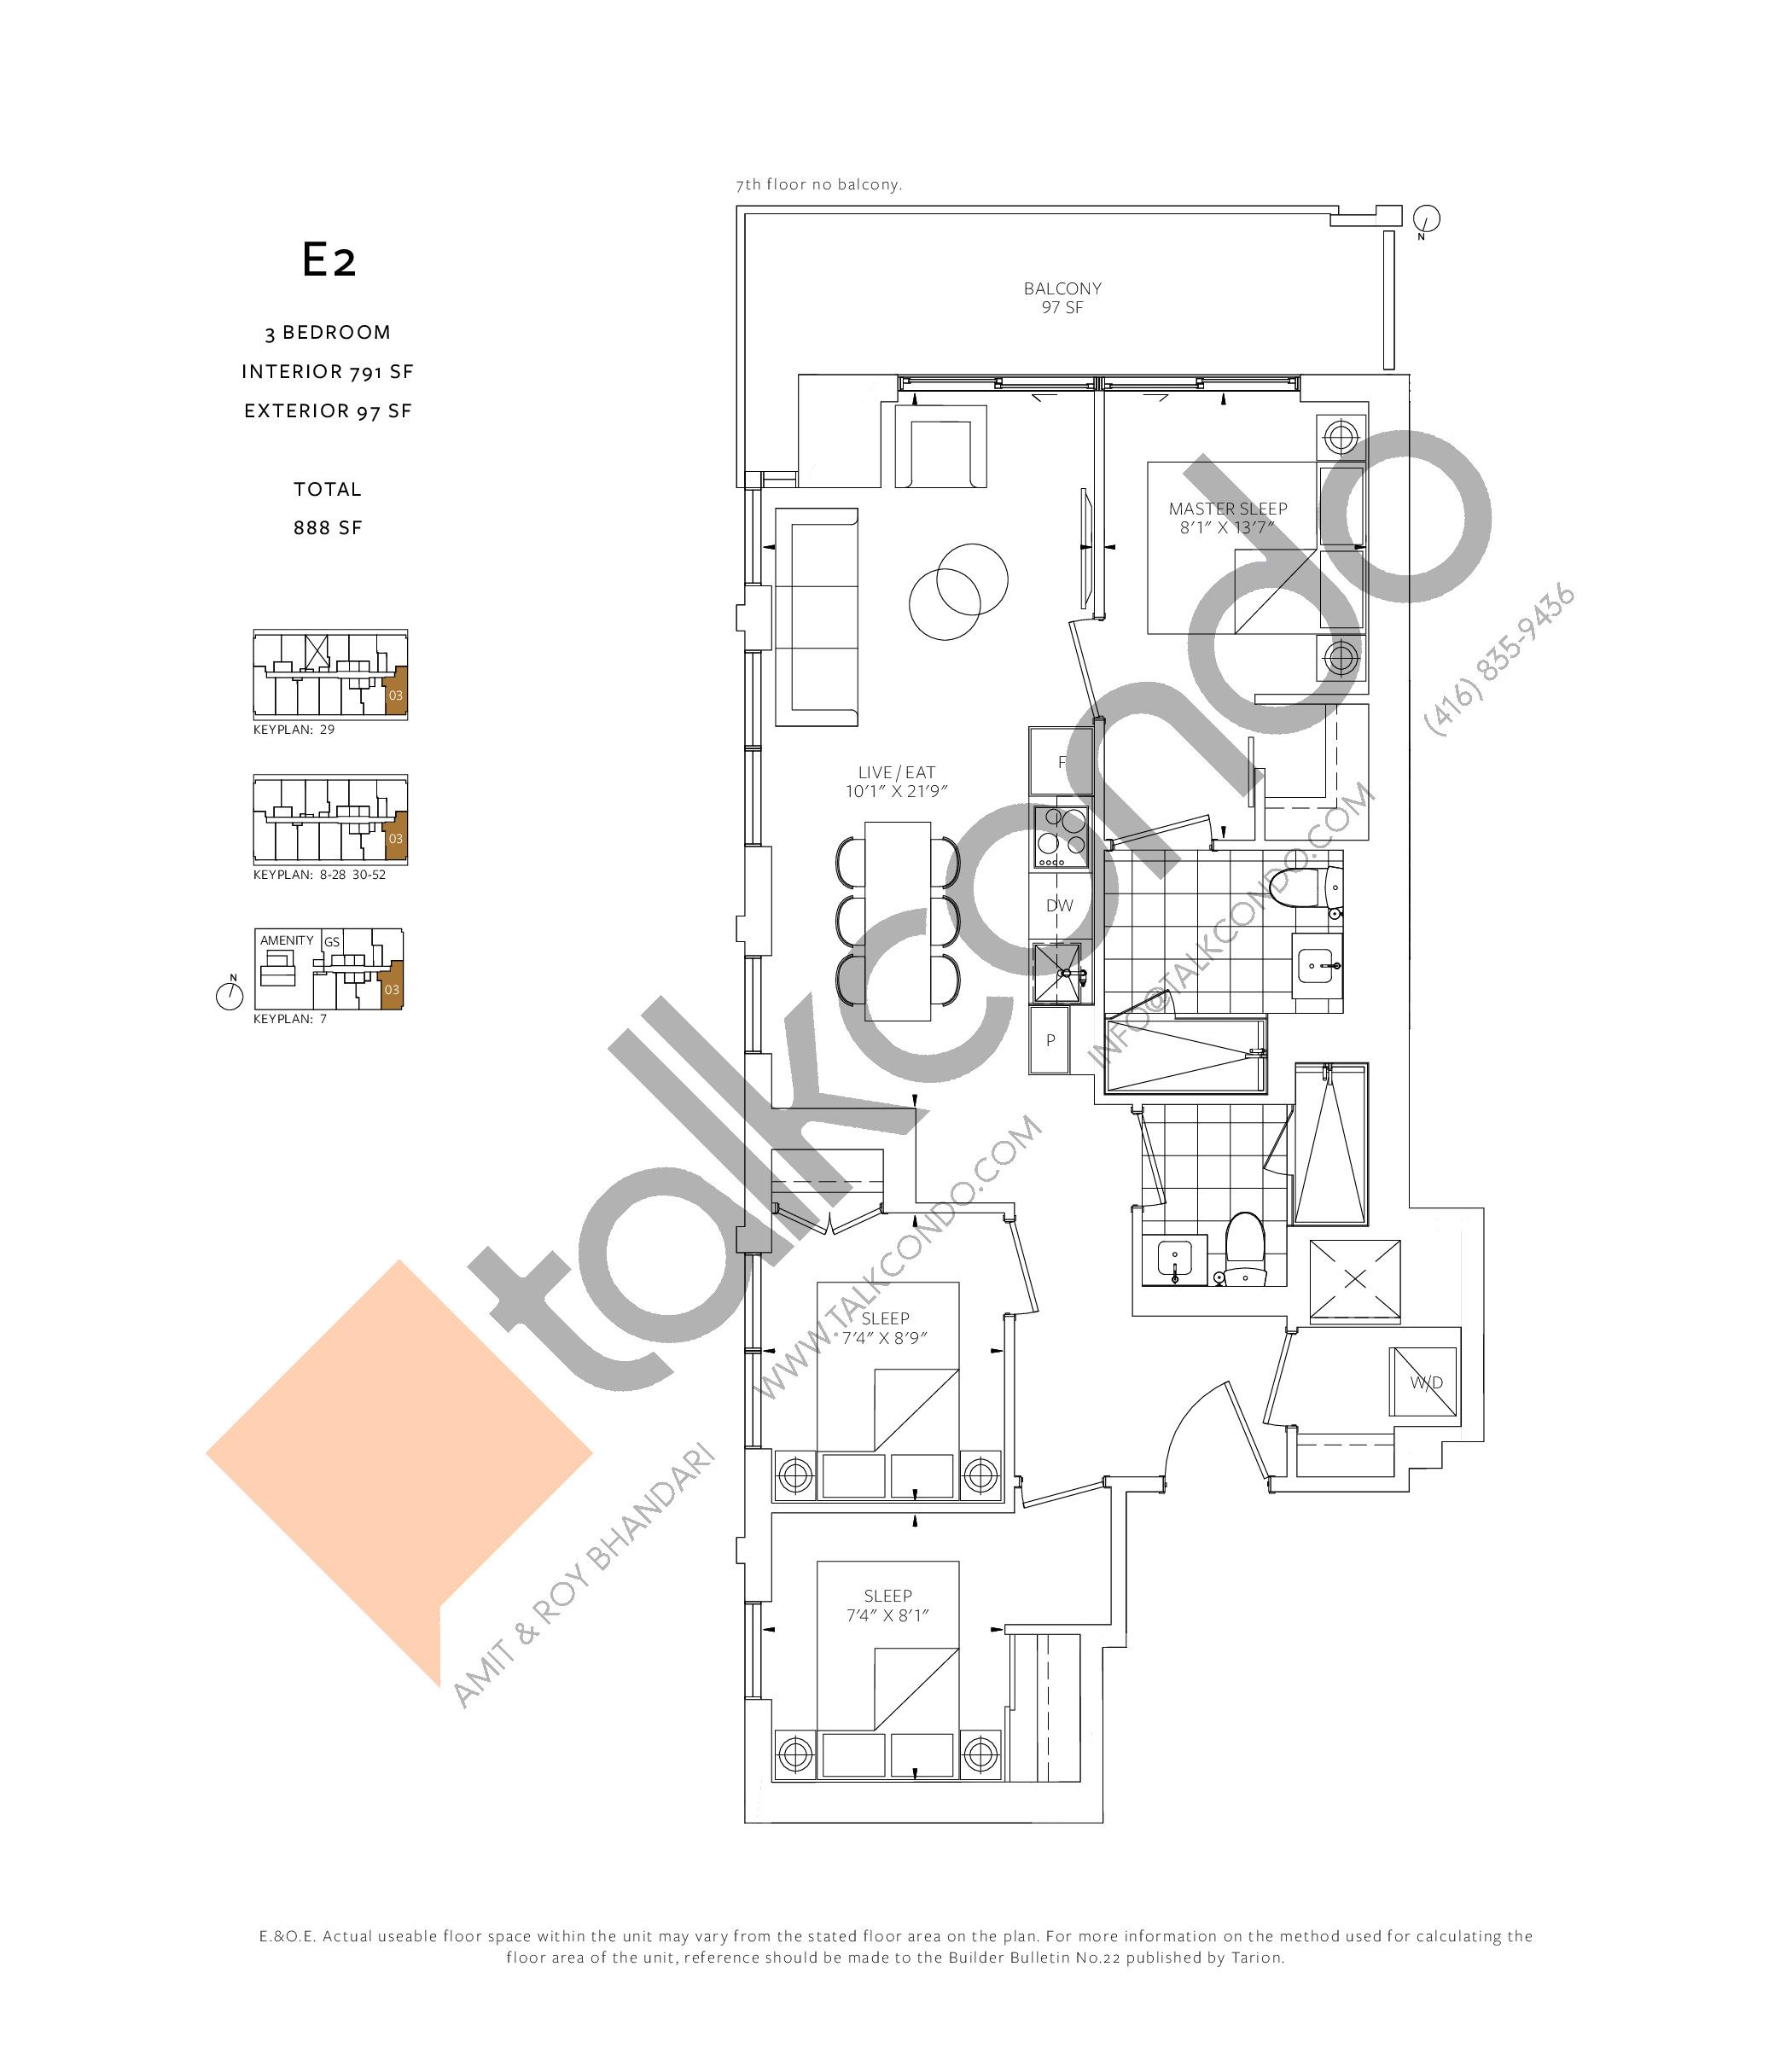 E2 Floor Plan at 88 Queen Condos - 791 sq.ft